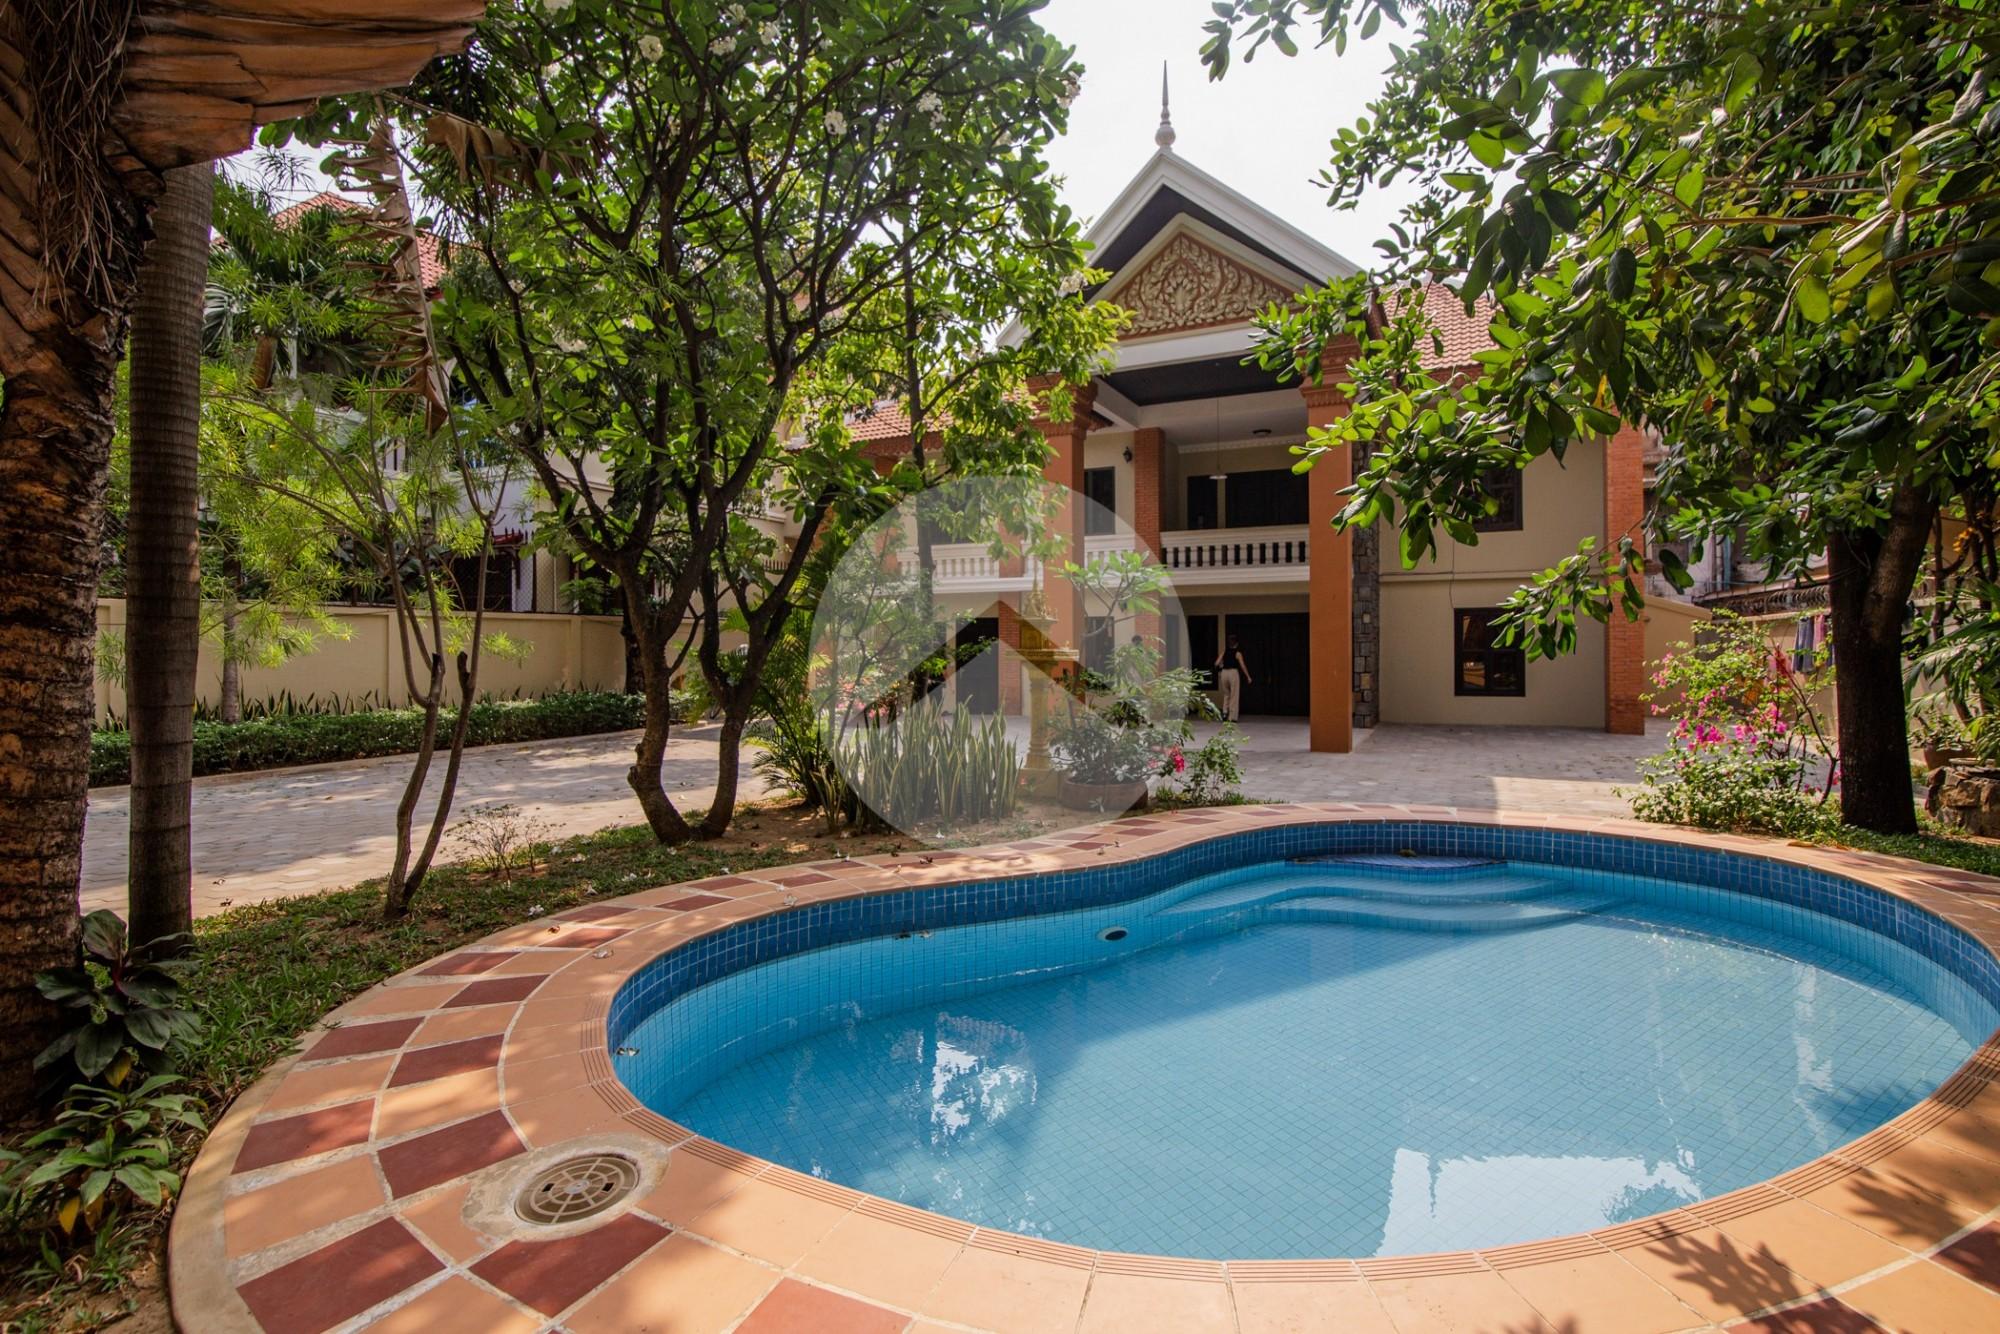 5 Bedroom Villa For Rent - Tuol Kork, Phnom Penh